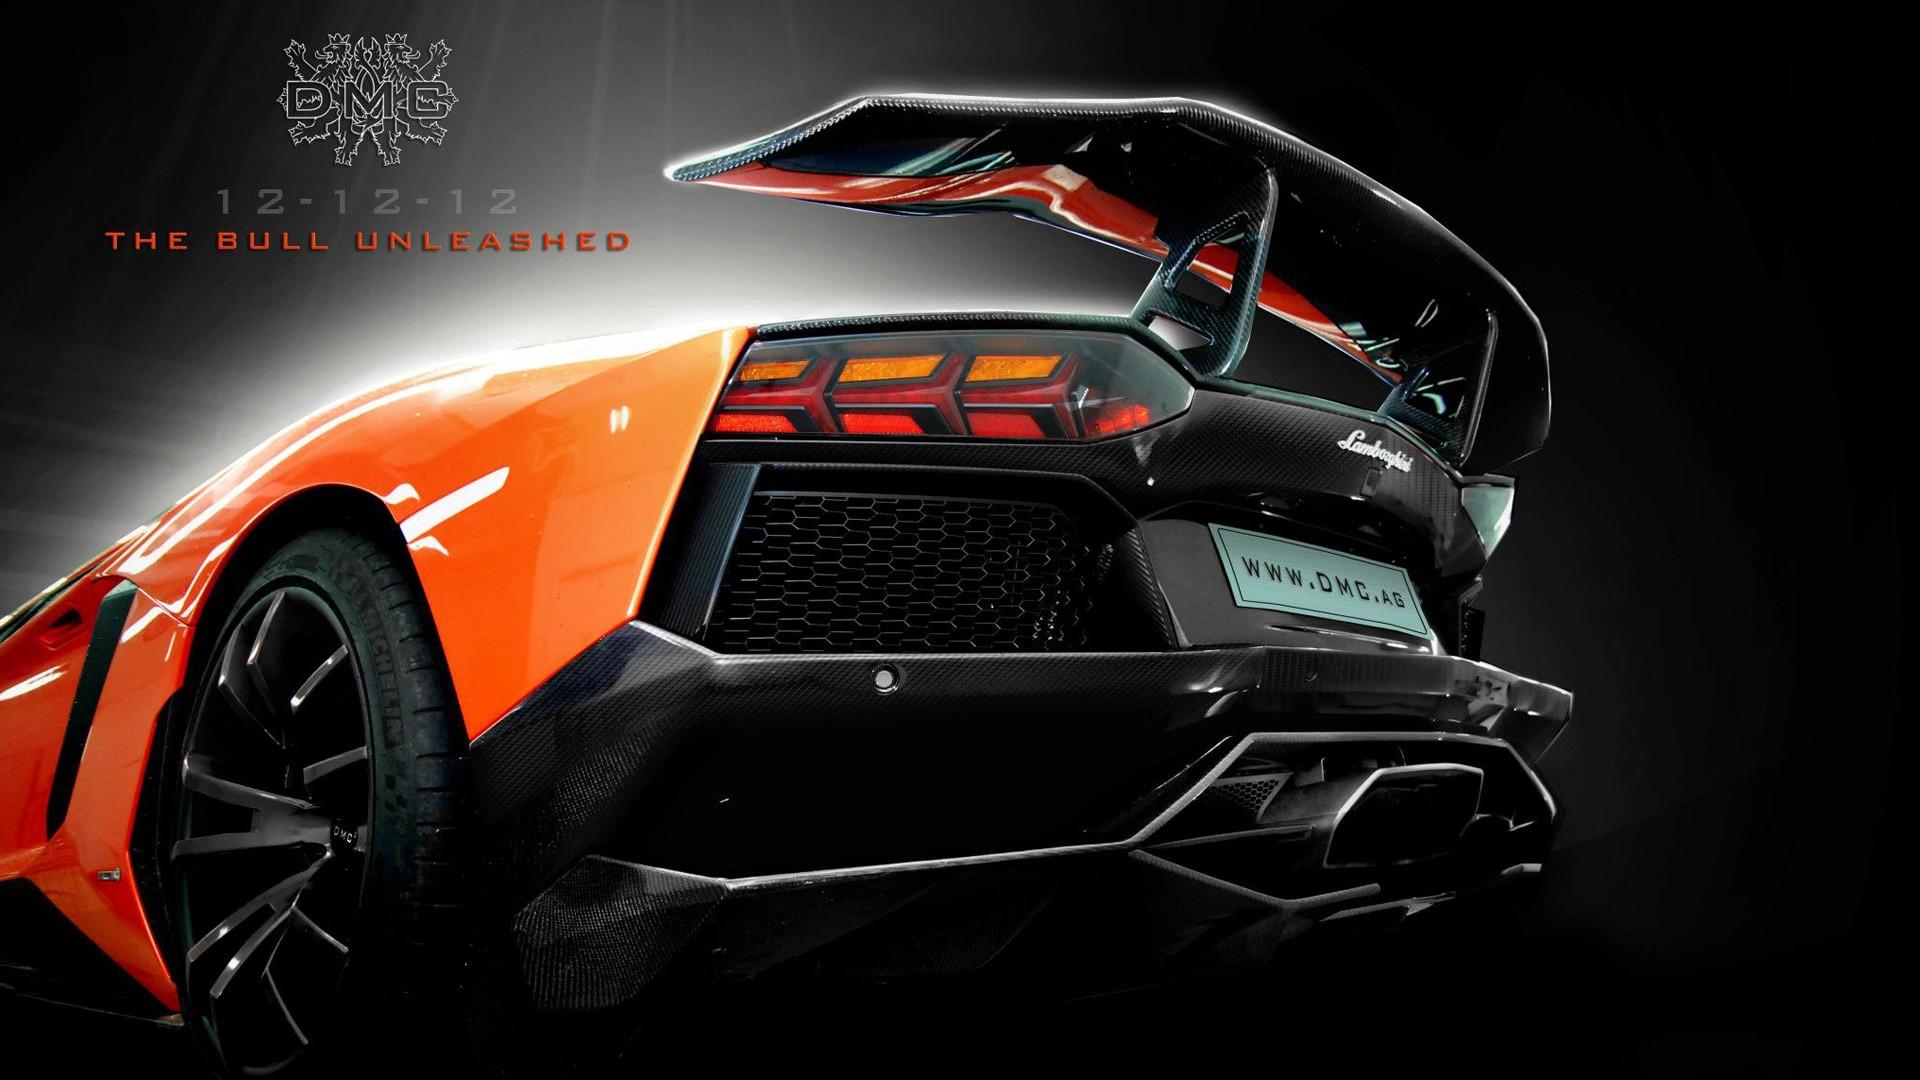 Cars Hd Wallpapers 1080p Lamborghini Dmc Tuning 2013 Lamborghini Aventador Lp900 Sv 4 Wallpaper